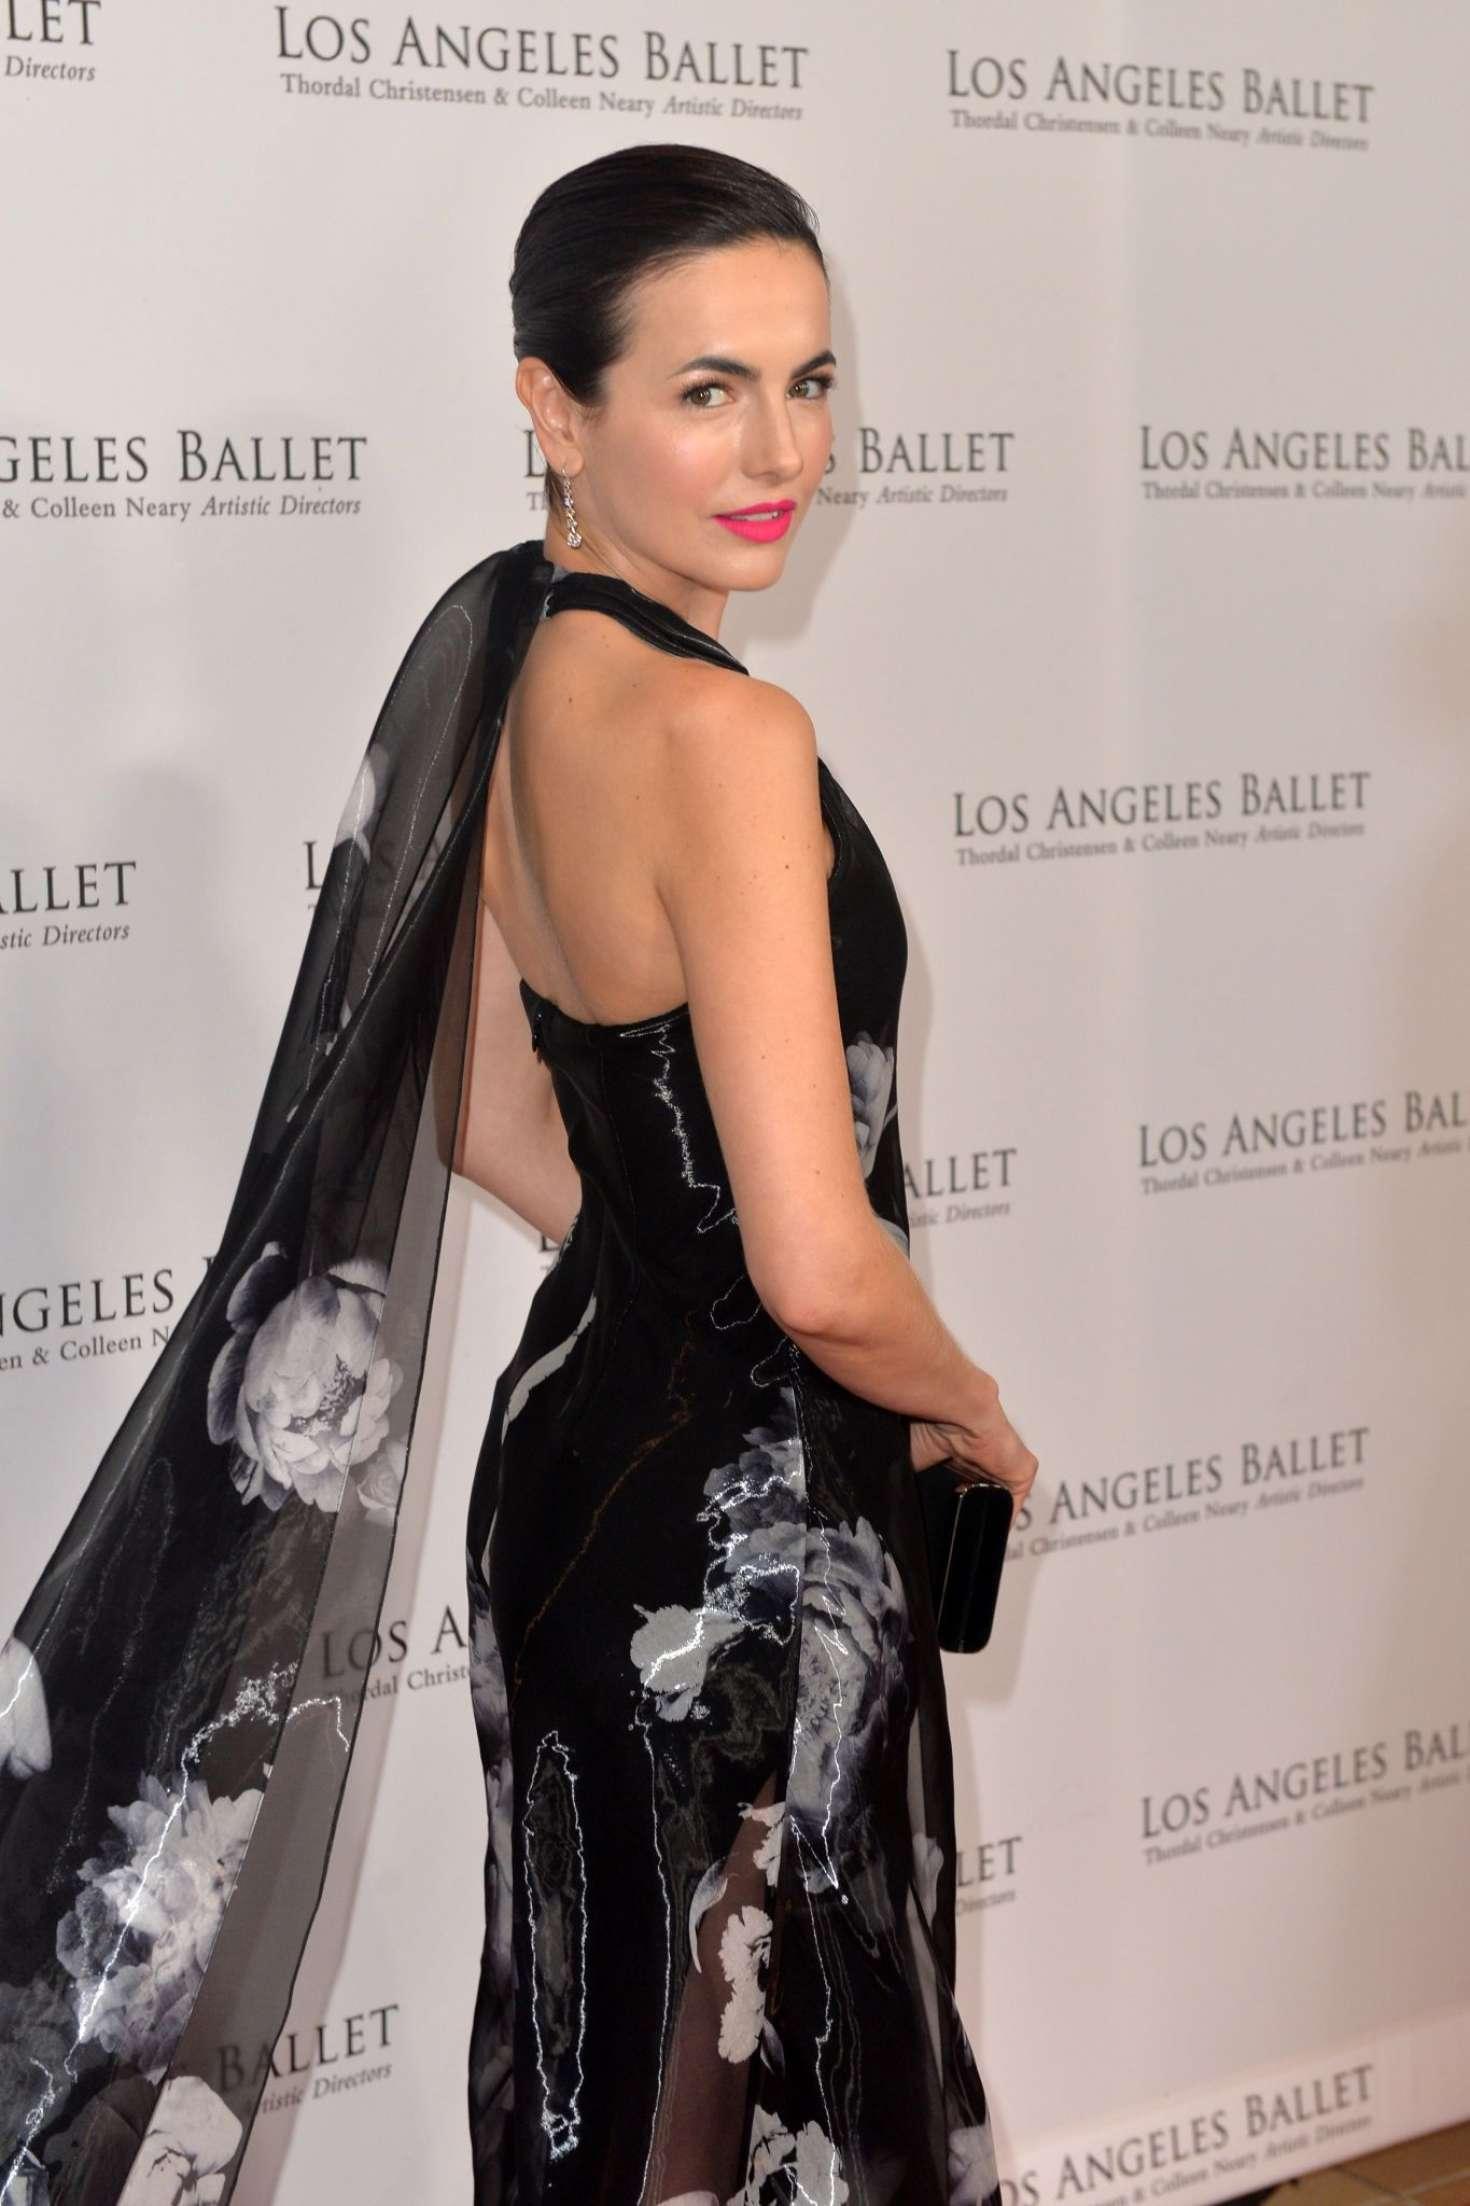 Camilla Belle 2019 : Camilla Belle: Los Angeles Ballets 2019 Gala -04